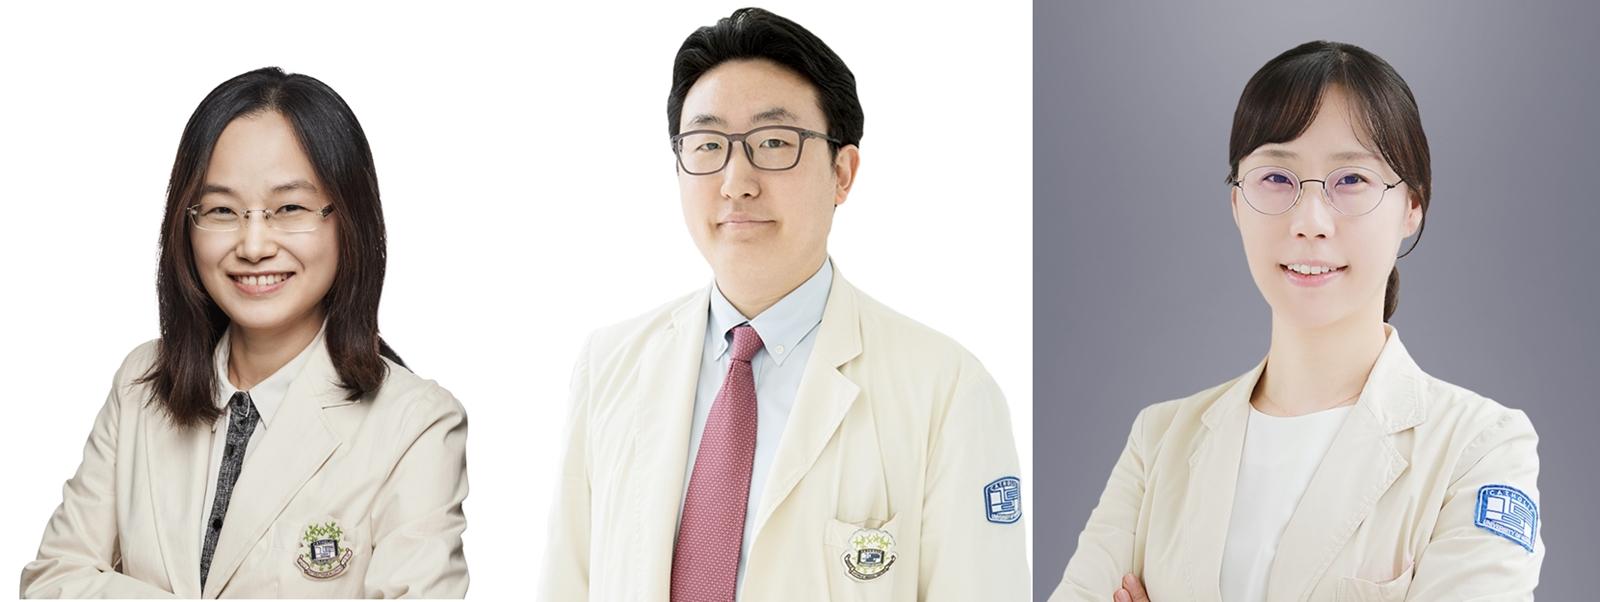 좌측부터 혈액내과 이성은 교수, 민기준 교수, 박실비아 교수